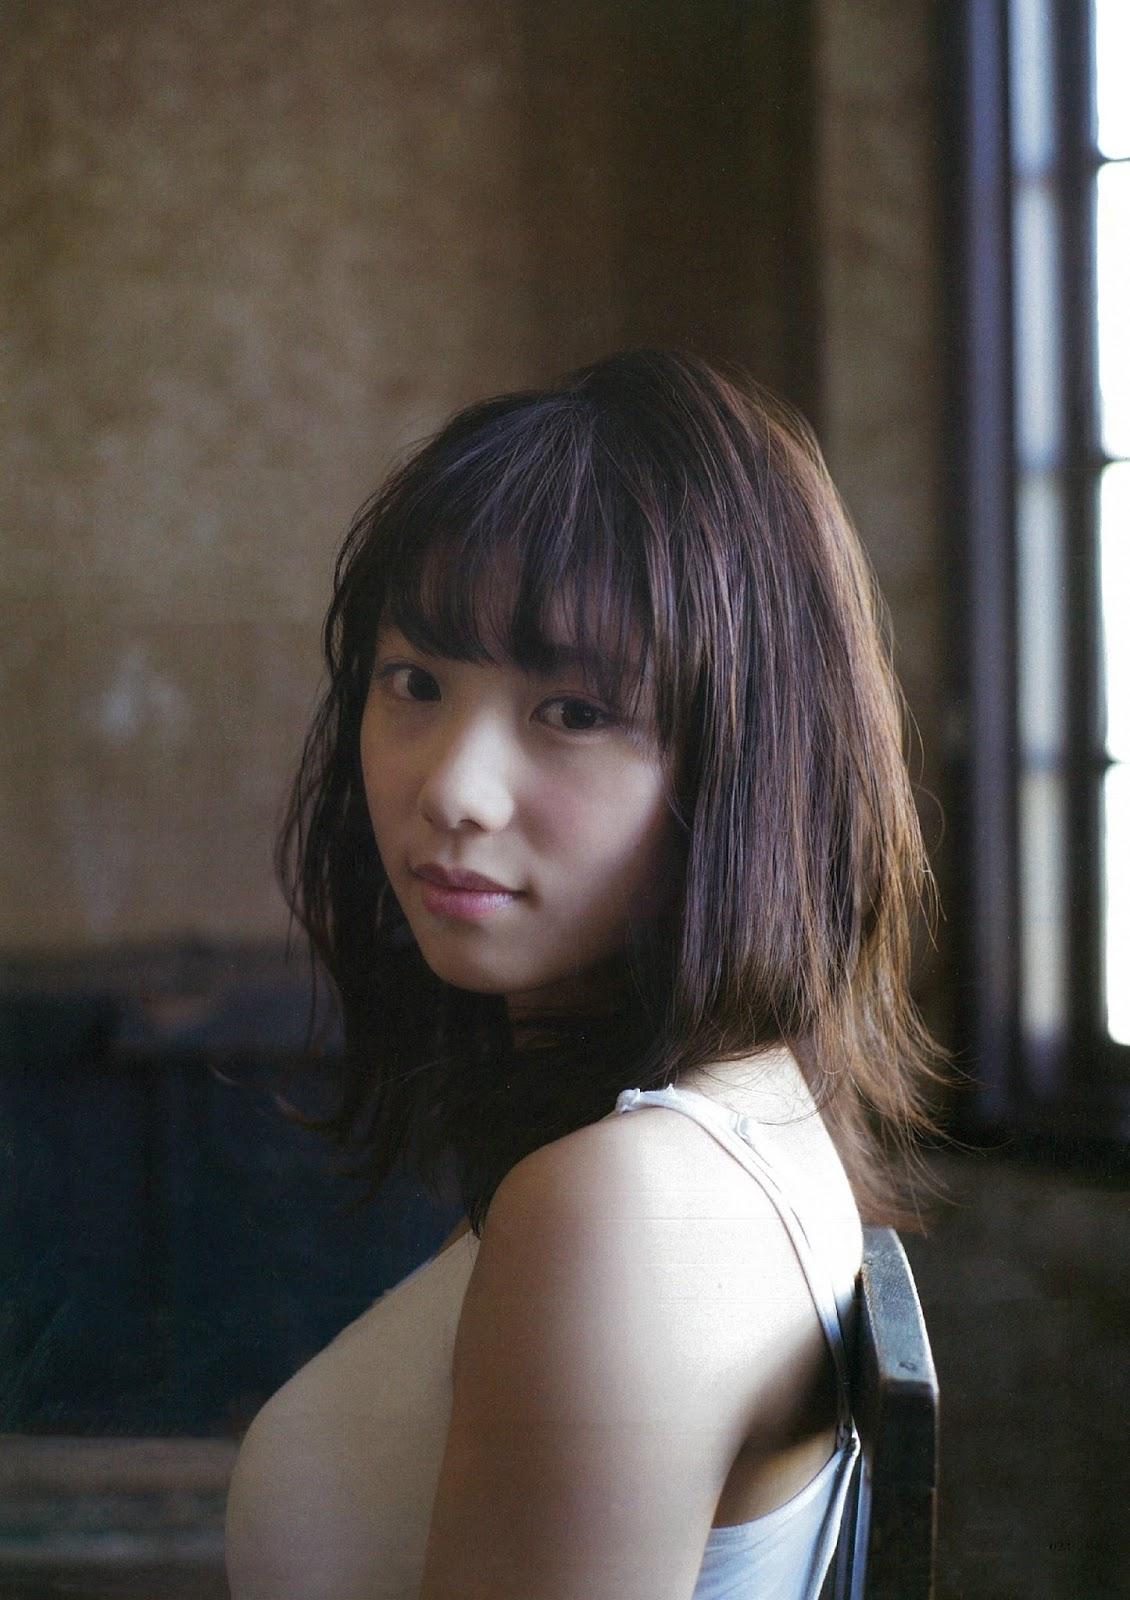 ボディラインがセクシーな与田祐希の画像